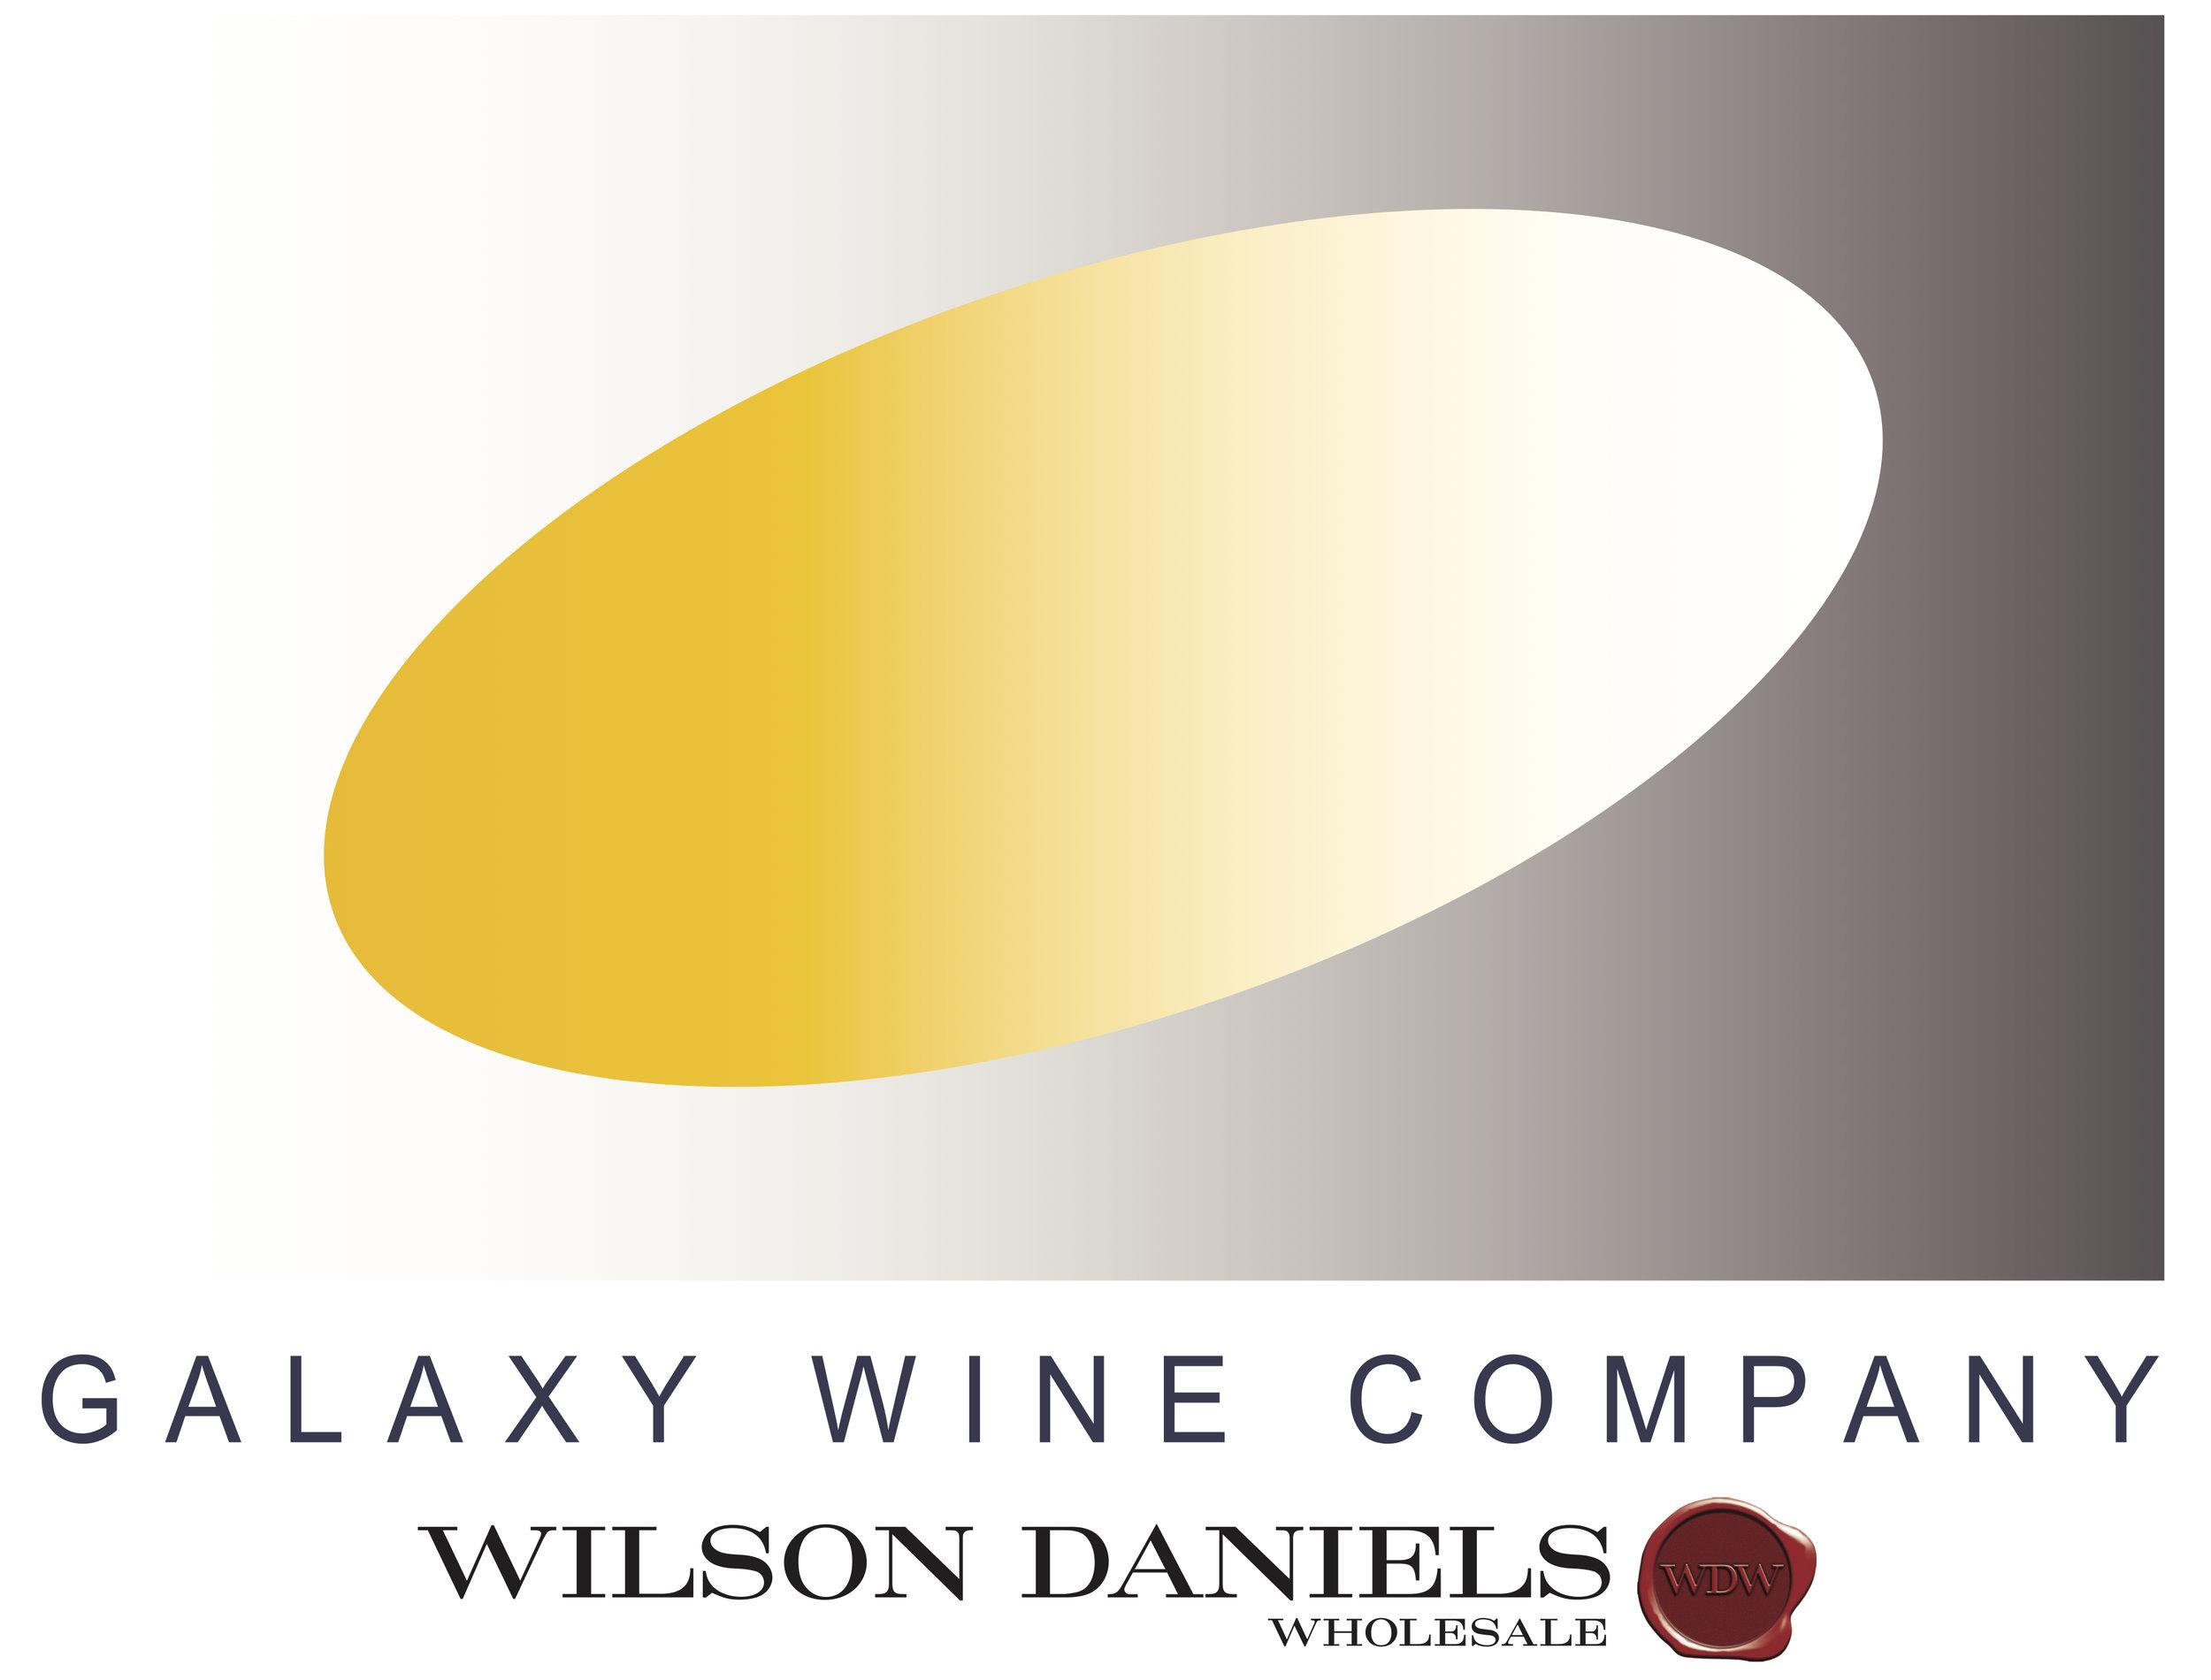 GalaxyWine_WDW_Logo_25x19 (1).jpg